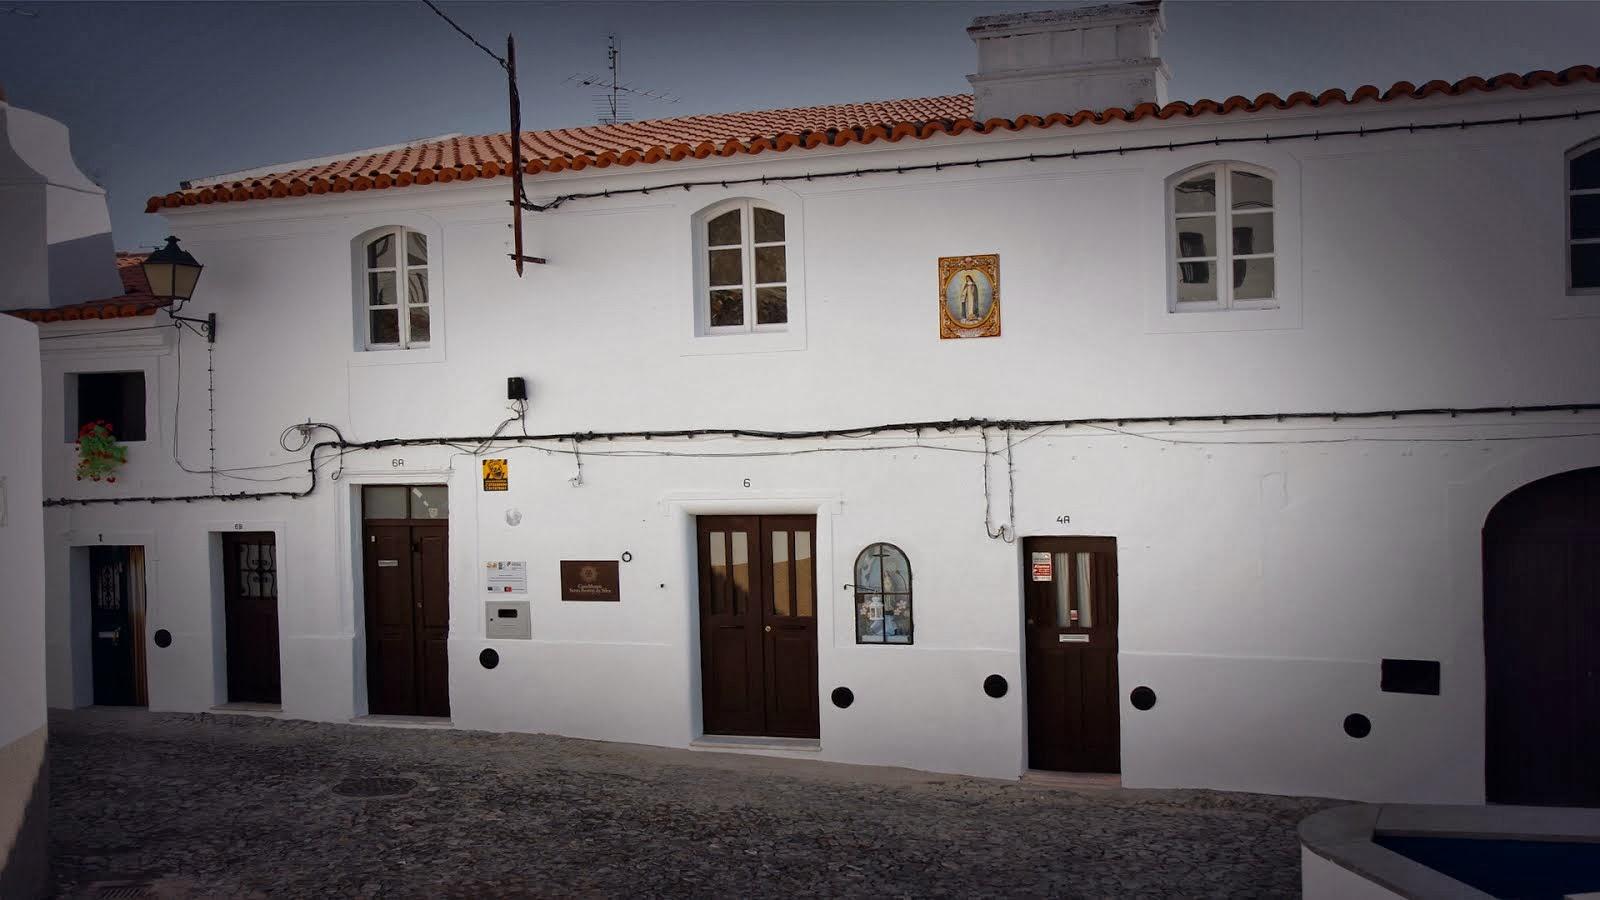 Fachada (Casa-Museu)